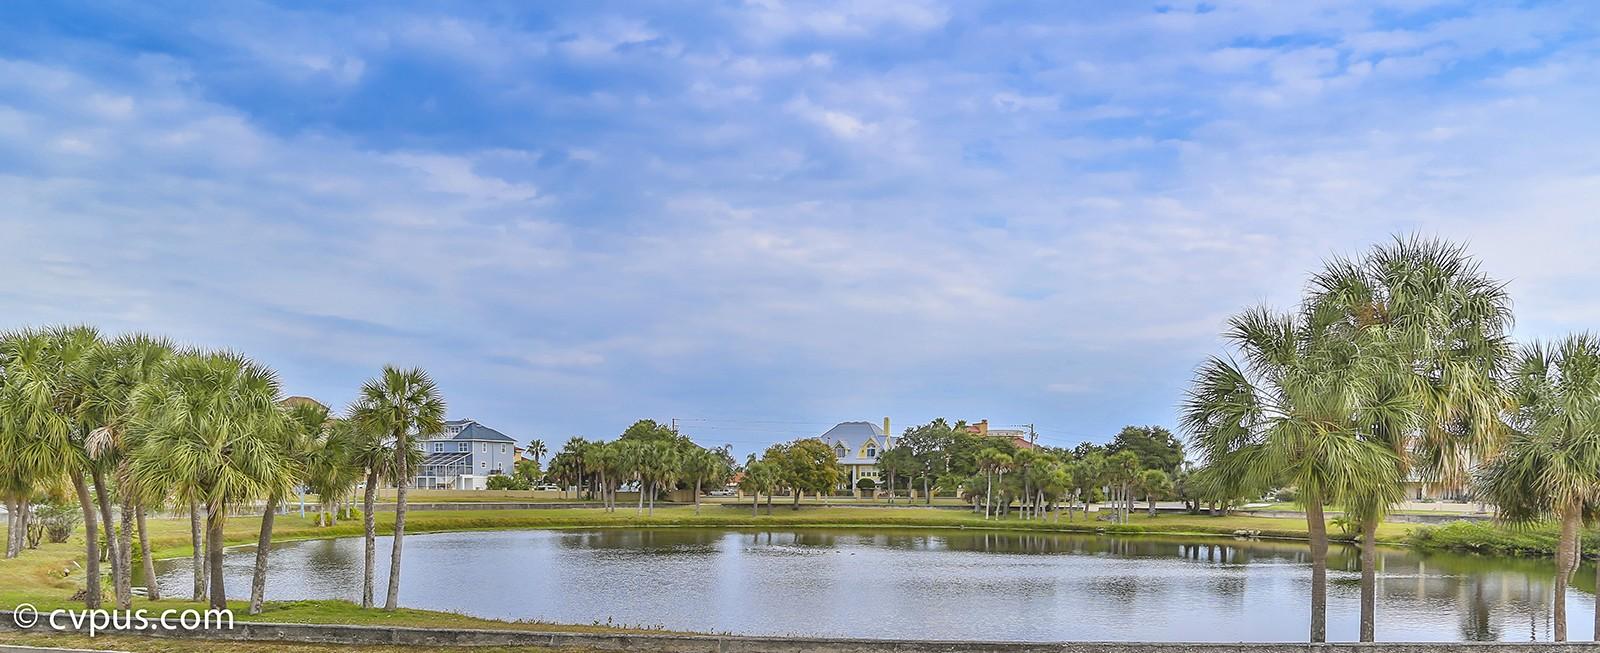 Gulf Harbors lake